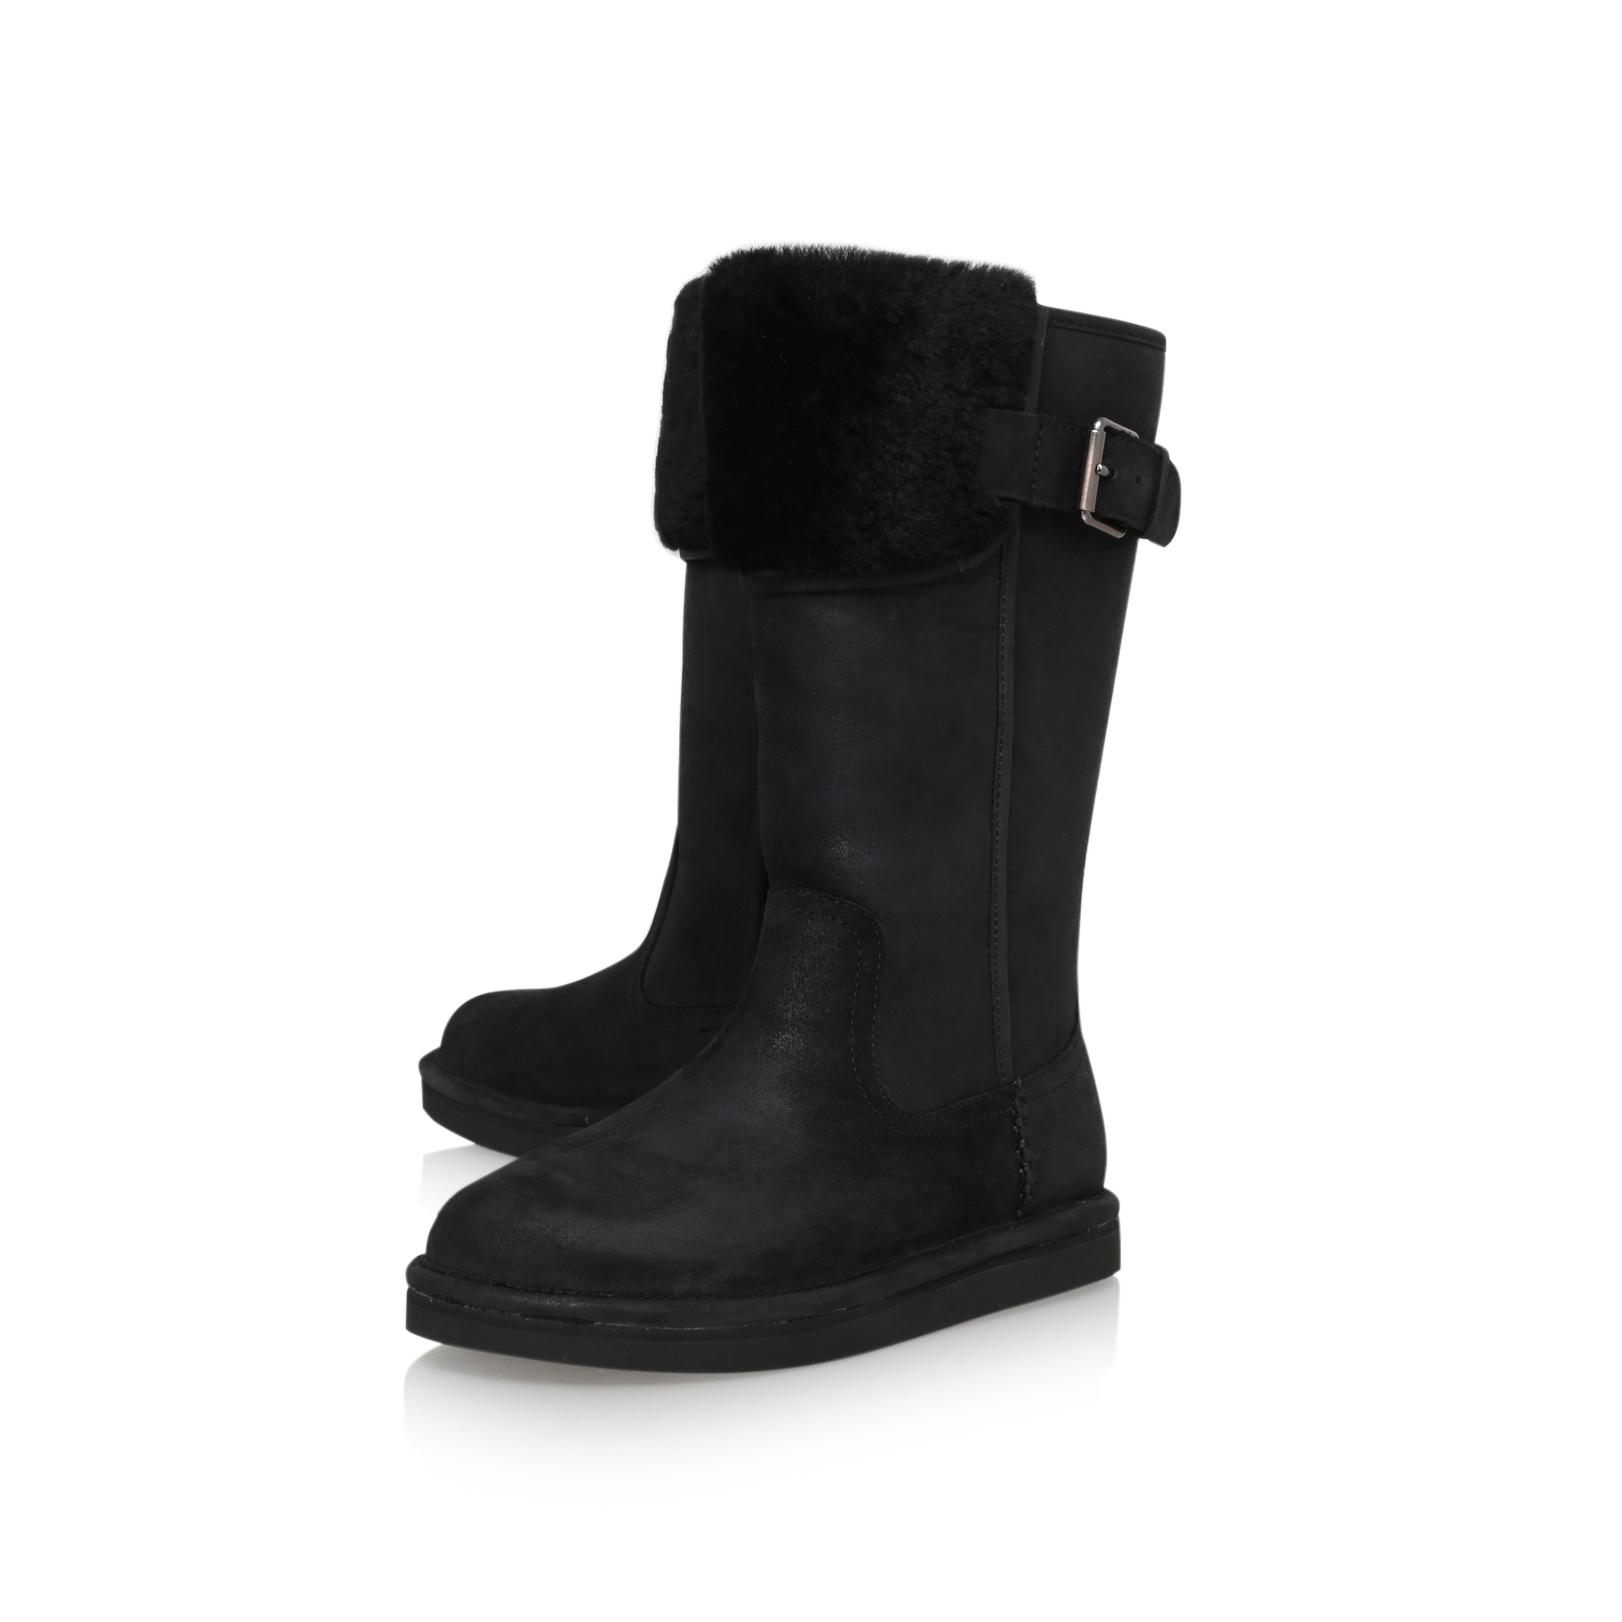 ugg boots ireland cheap